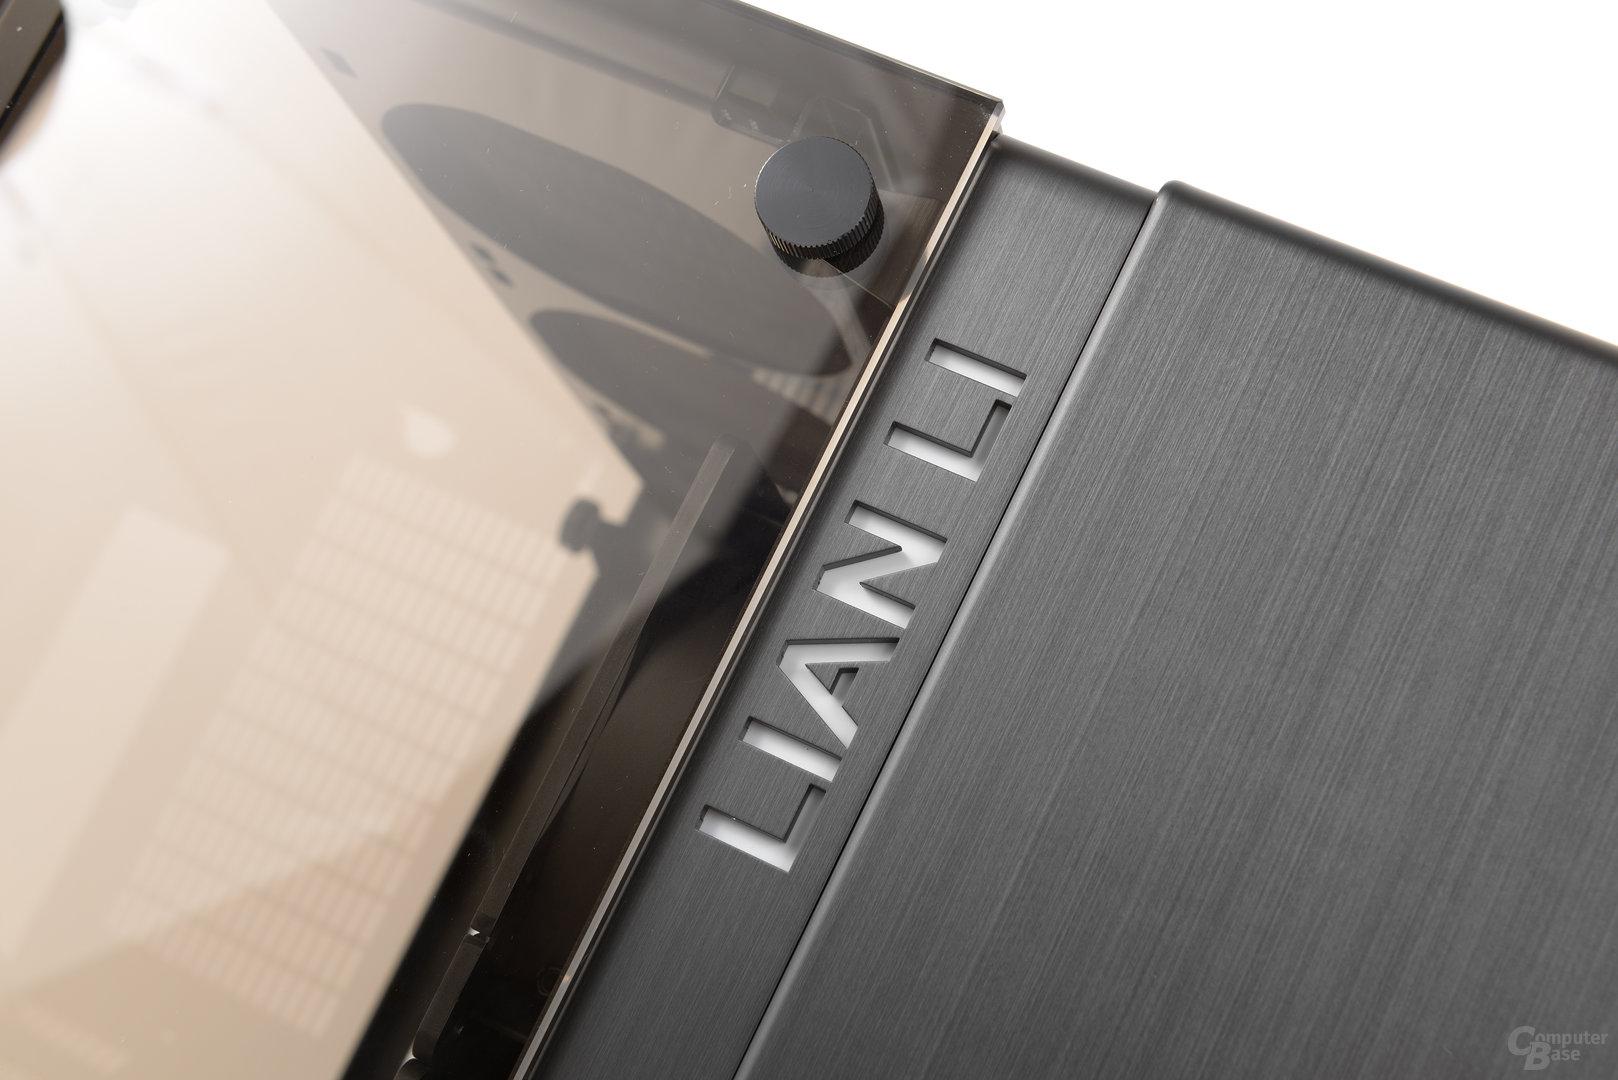 Lian Li PC-O9 – Im Betrieb beleuchteter Schriftzug